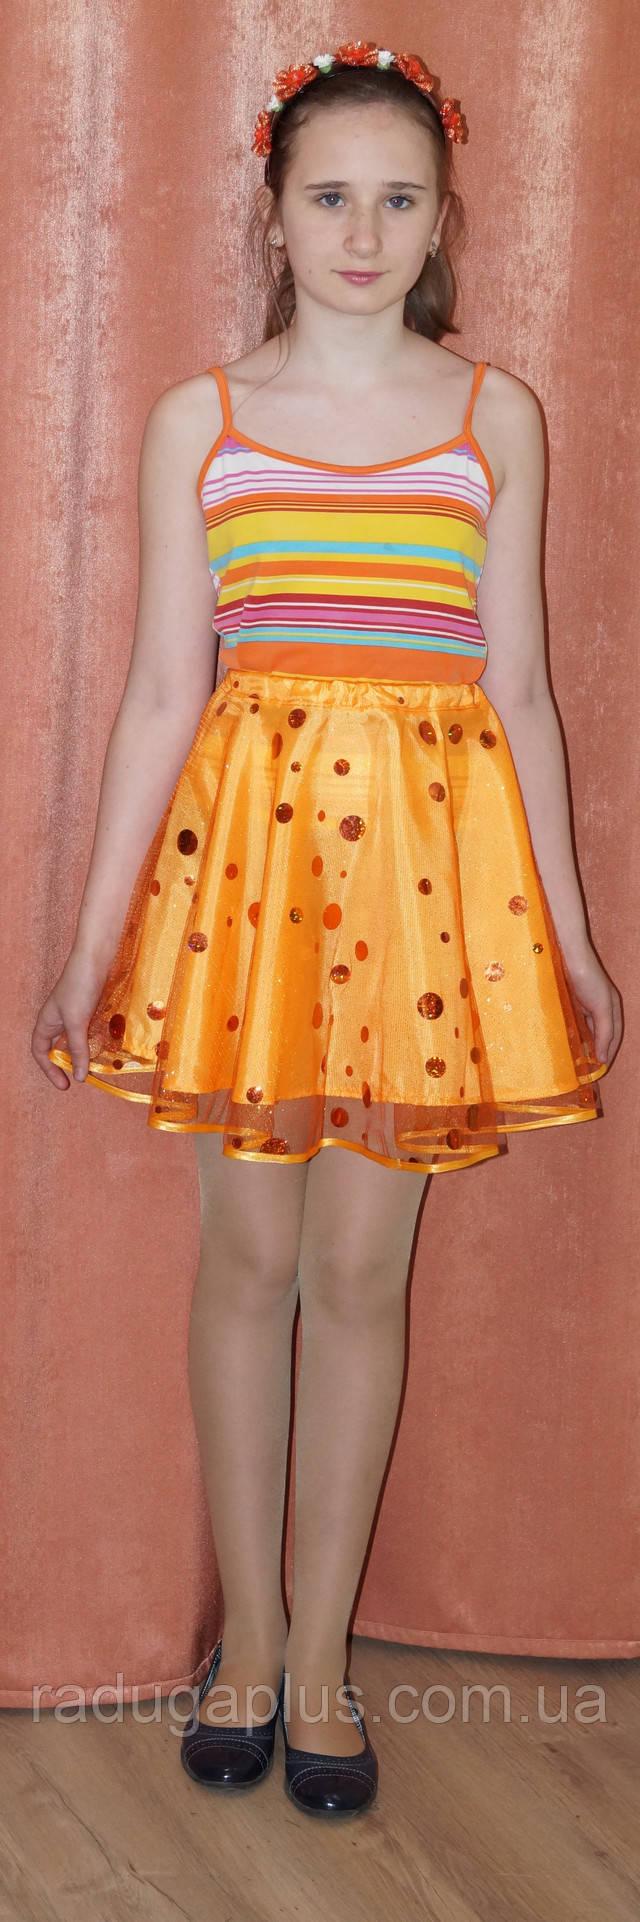 63a077cadab Пышная короткая юбка – прекрасный вариант для летних образов. В тренде  юбочки из легких тканей с воланами и юбки-солнце. Здесь преобладают яркие  принты  ...